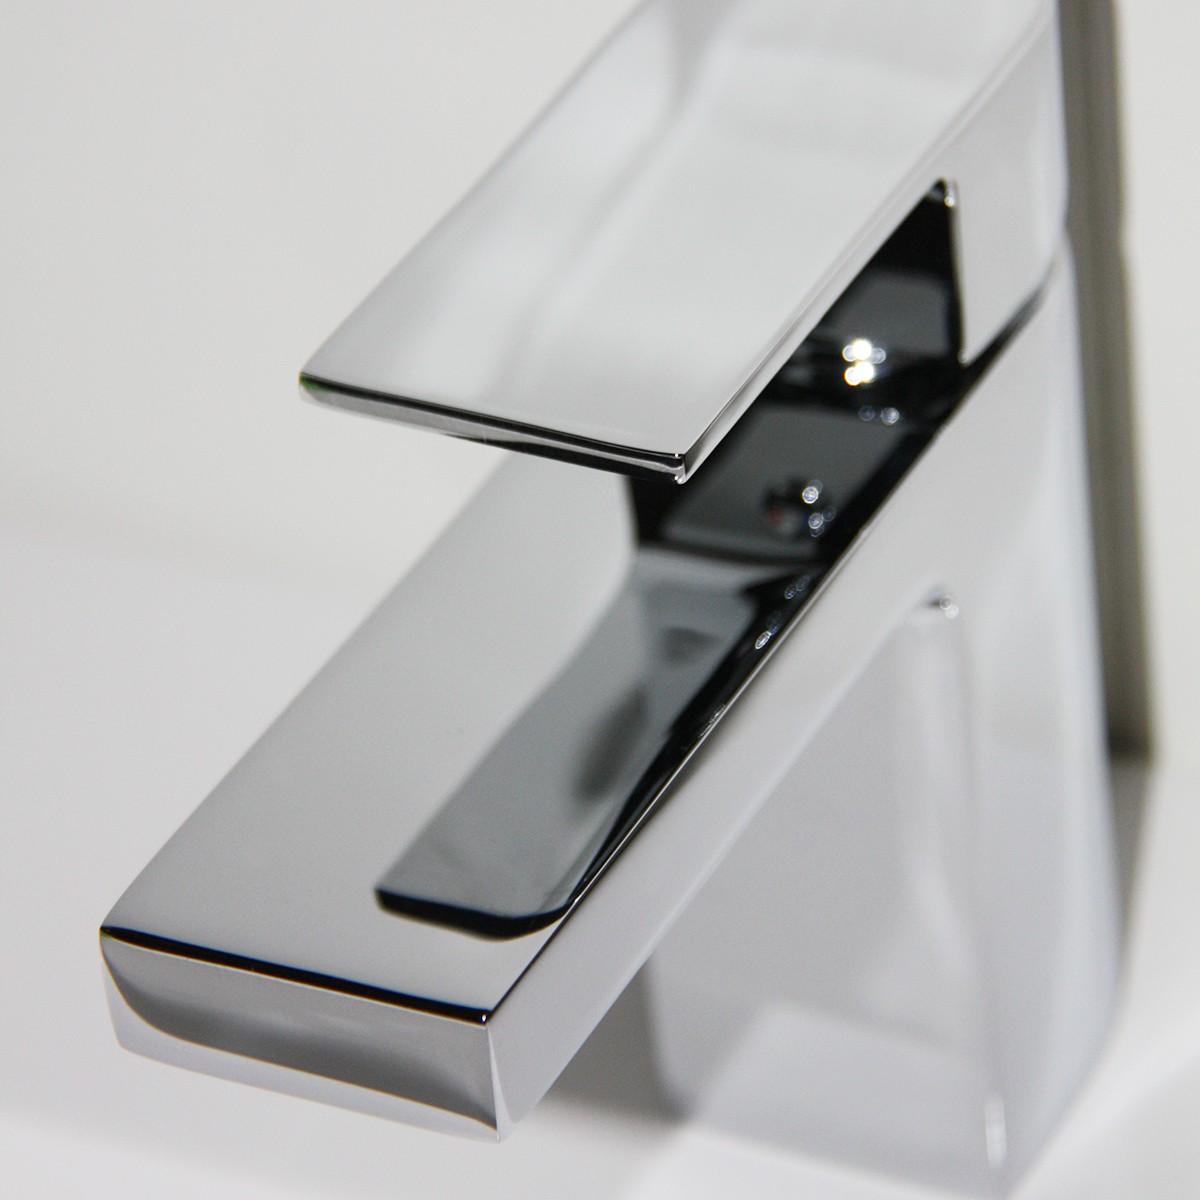 waschtisch einhebelmischbatterie bonn ebay. Black Bedroom Furniture Sets. Home Design Ideas